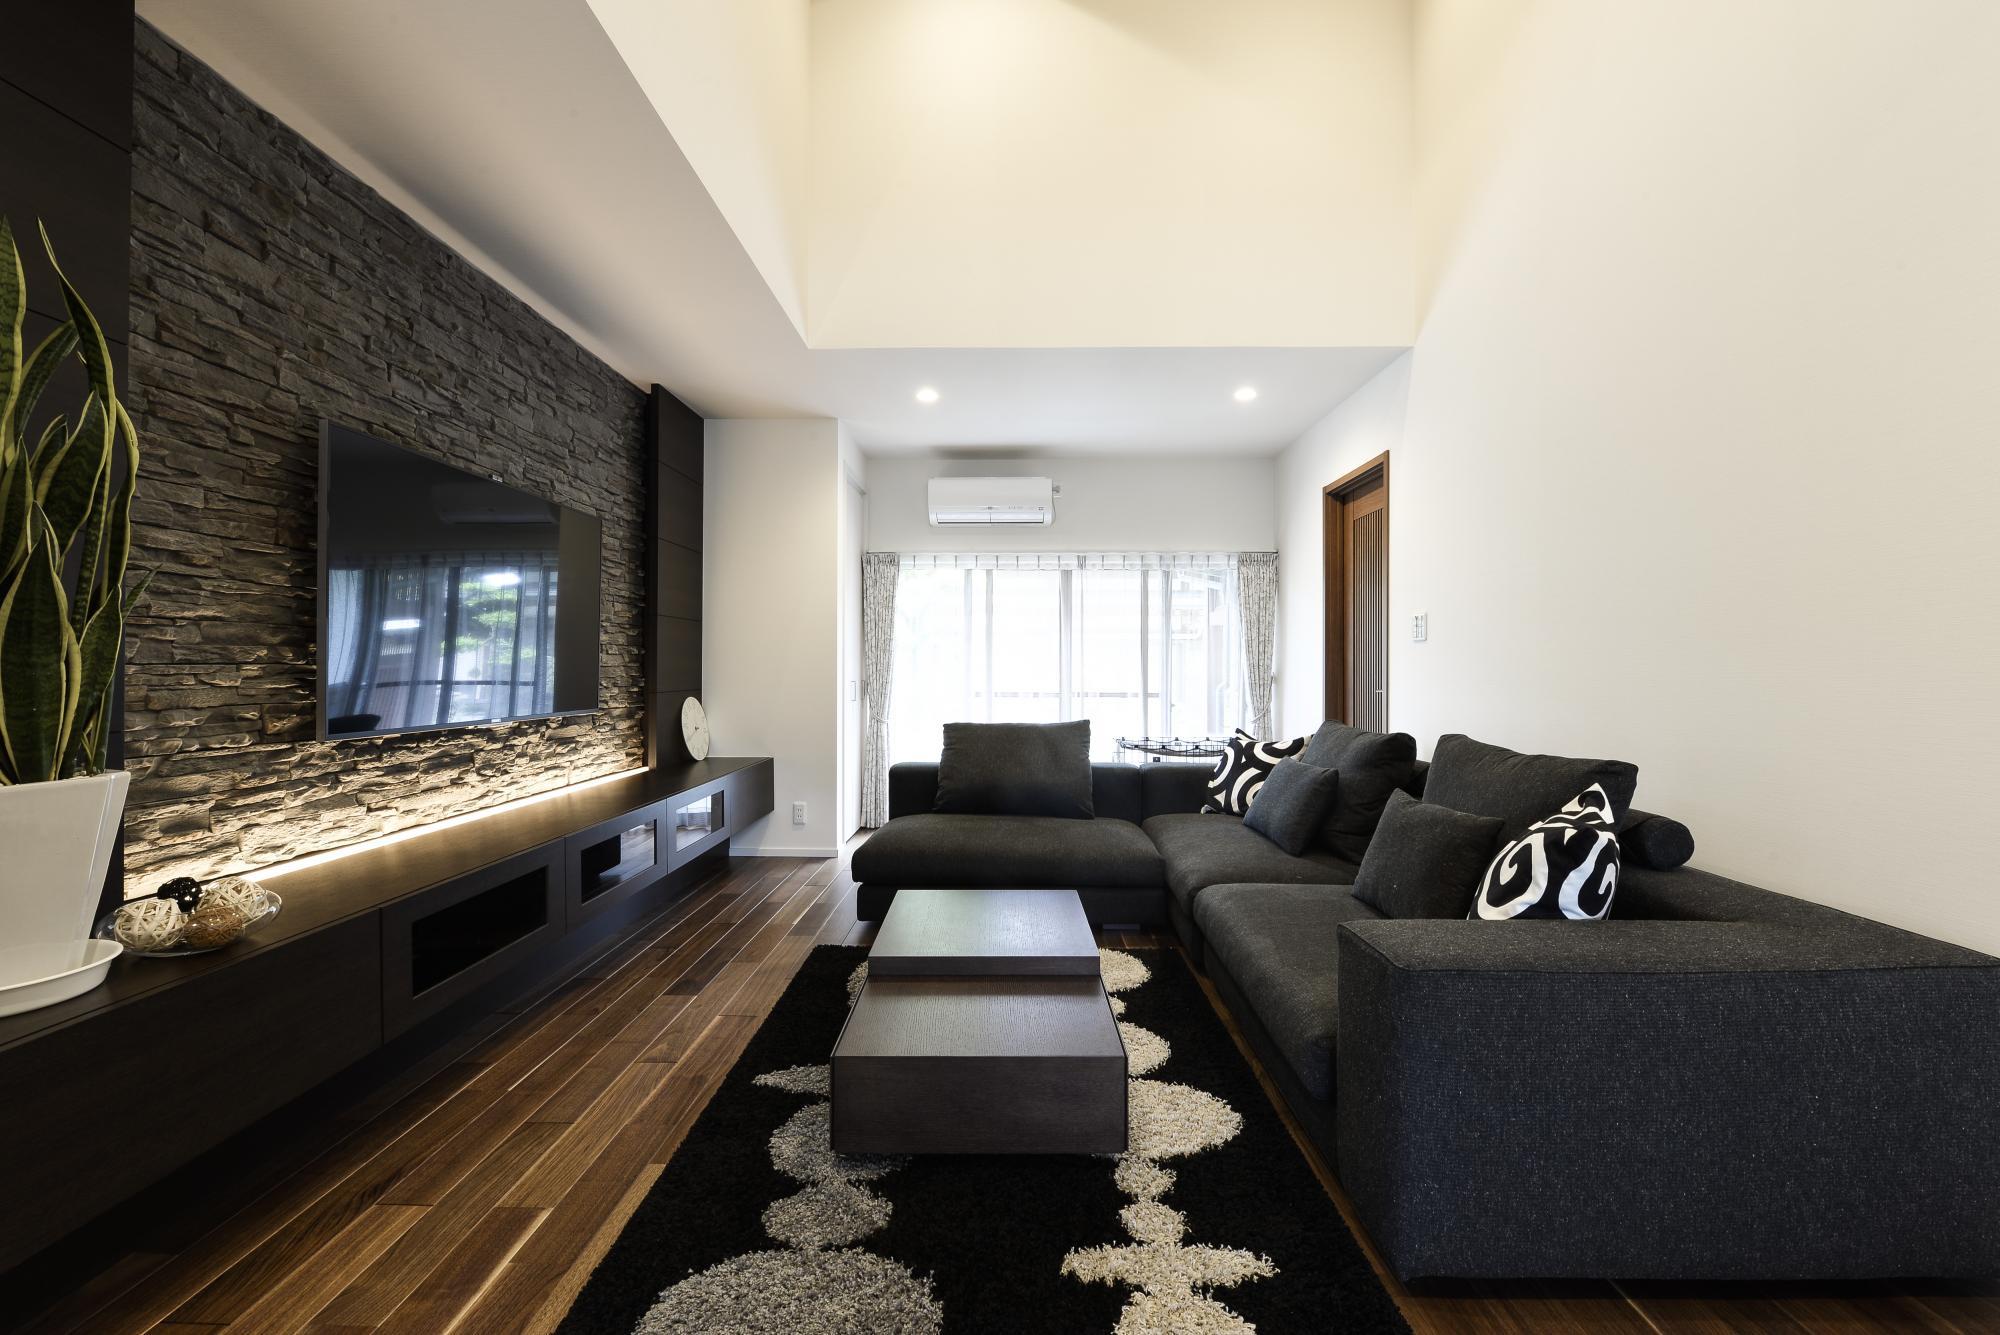 吹き抜けを設けた開放感あふれるリビング。家具は床暖房対応のウォルナット材の床にあわせてオーク材で設え、70インチの大画面TVを支える壁面は、天然石調のタイルで石積みを再現した。特注の大型AVボードはM様のお気に入りに。